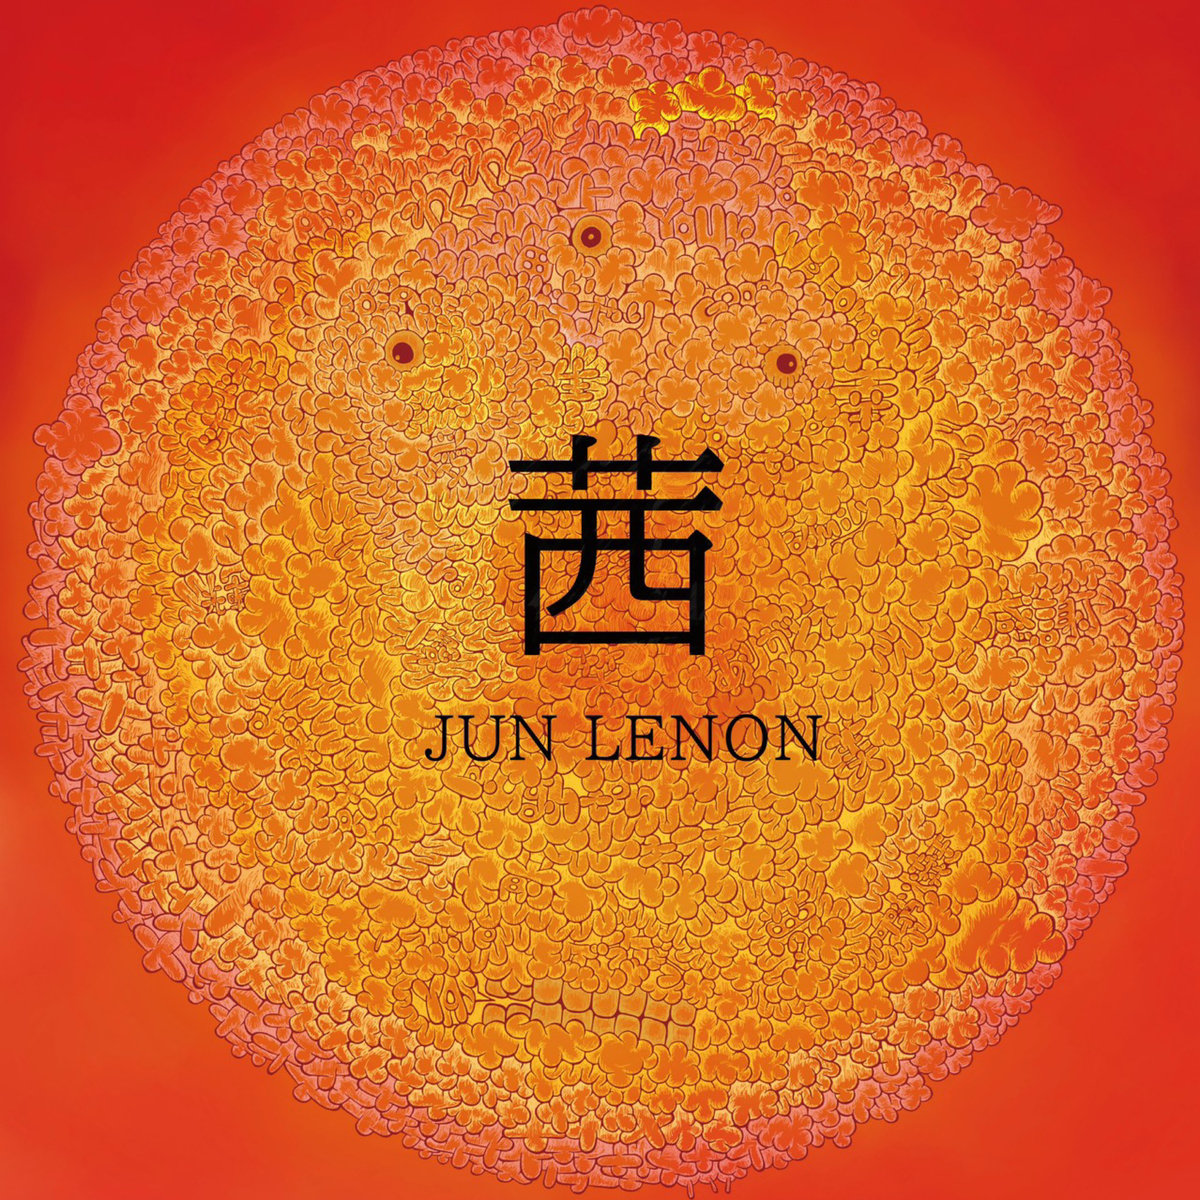 f:id:junlenon-music:20210520204047j:plain